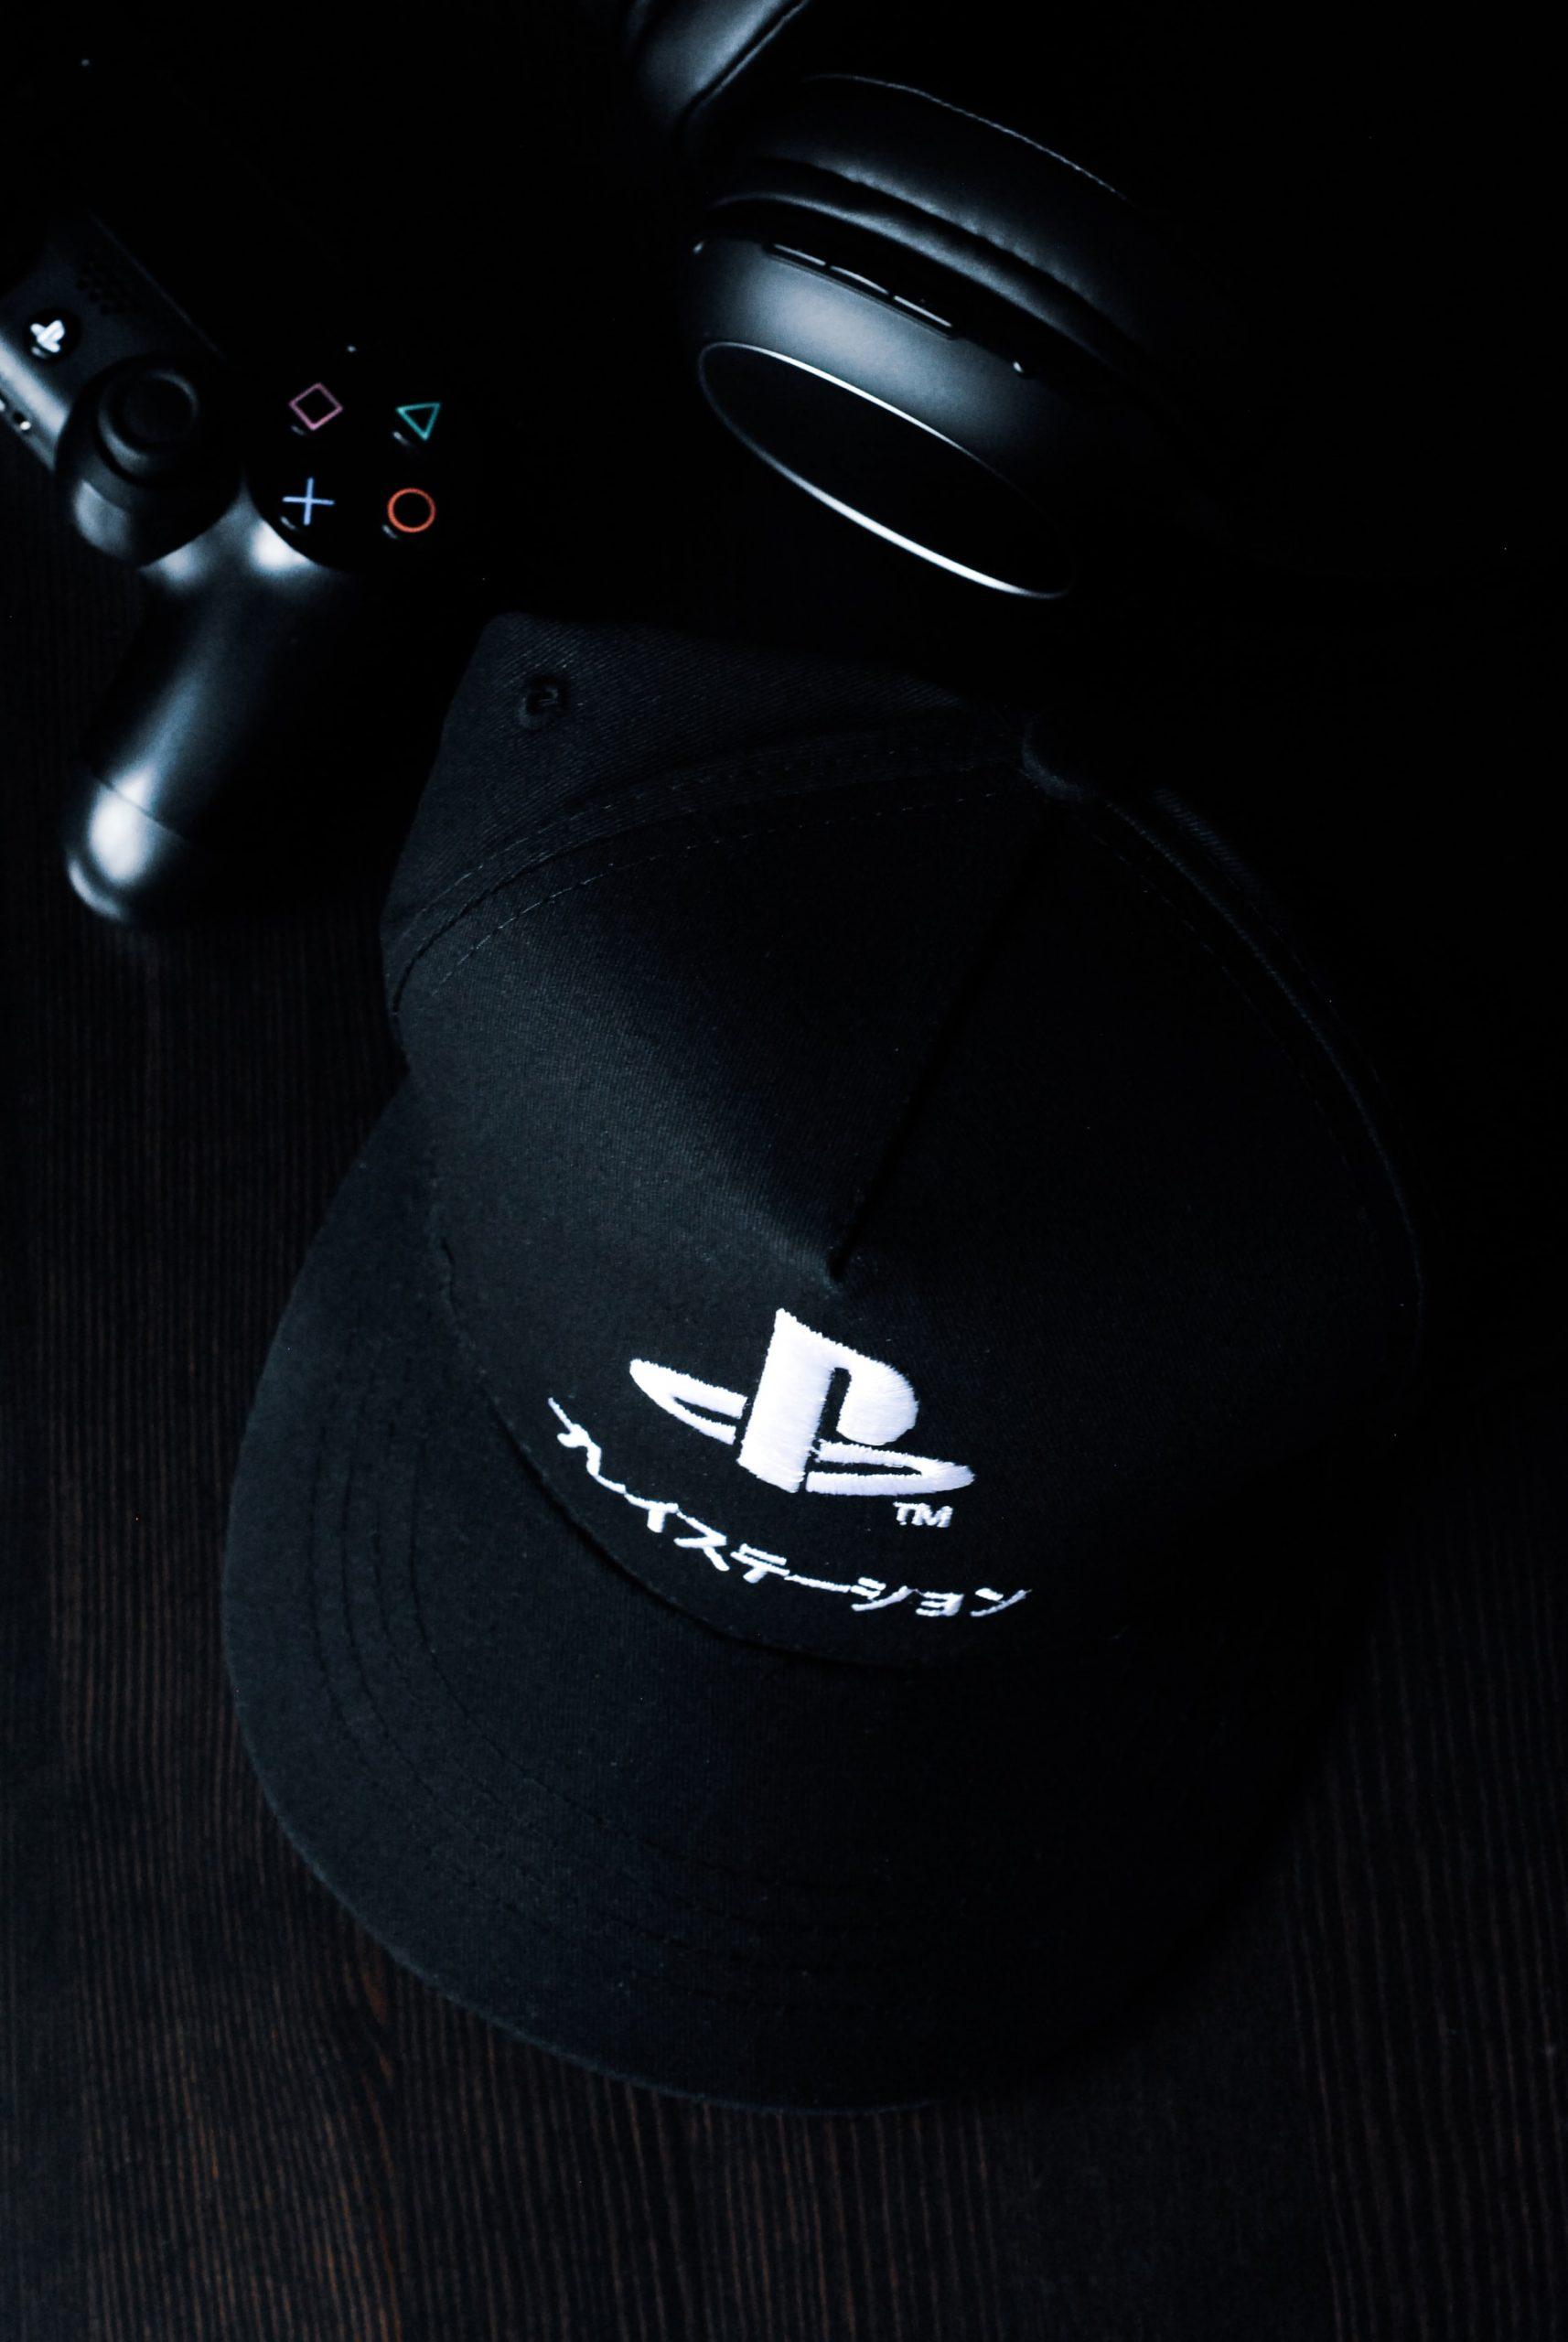 ¡Sorprendente! Sony nos da un vistazo a la nueva interfaz del usuario de PlayStation 5